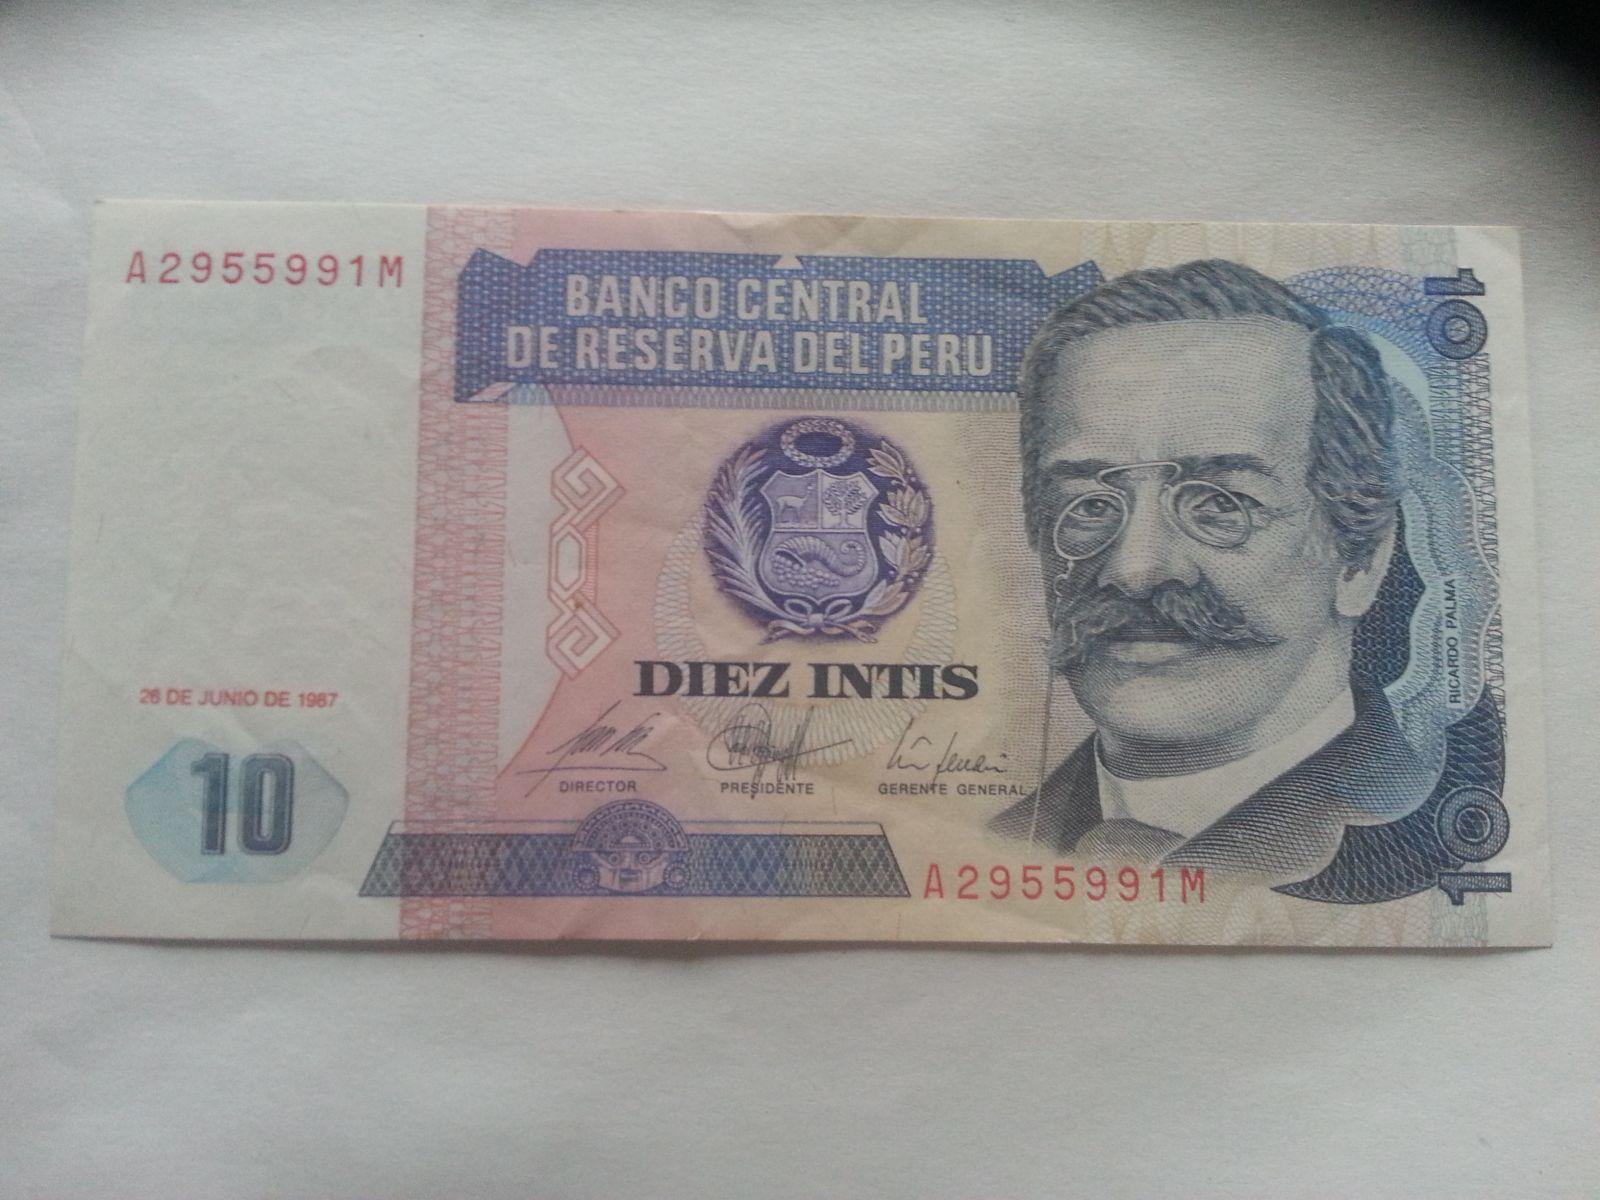 10 Soles,1987, Peru